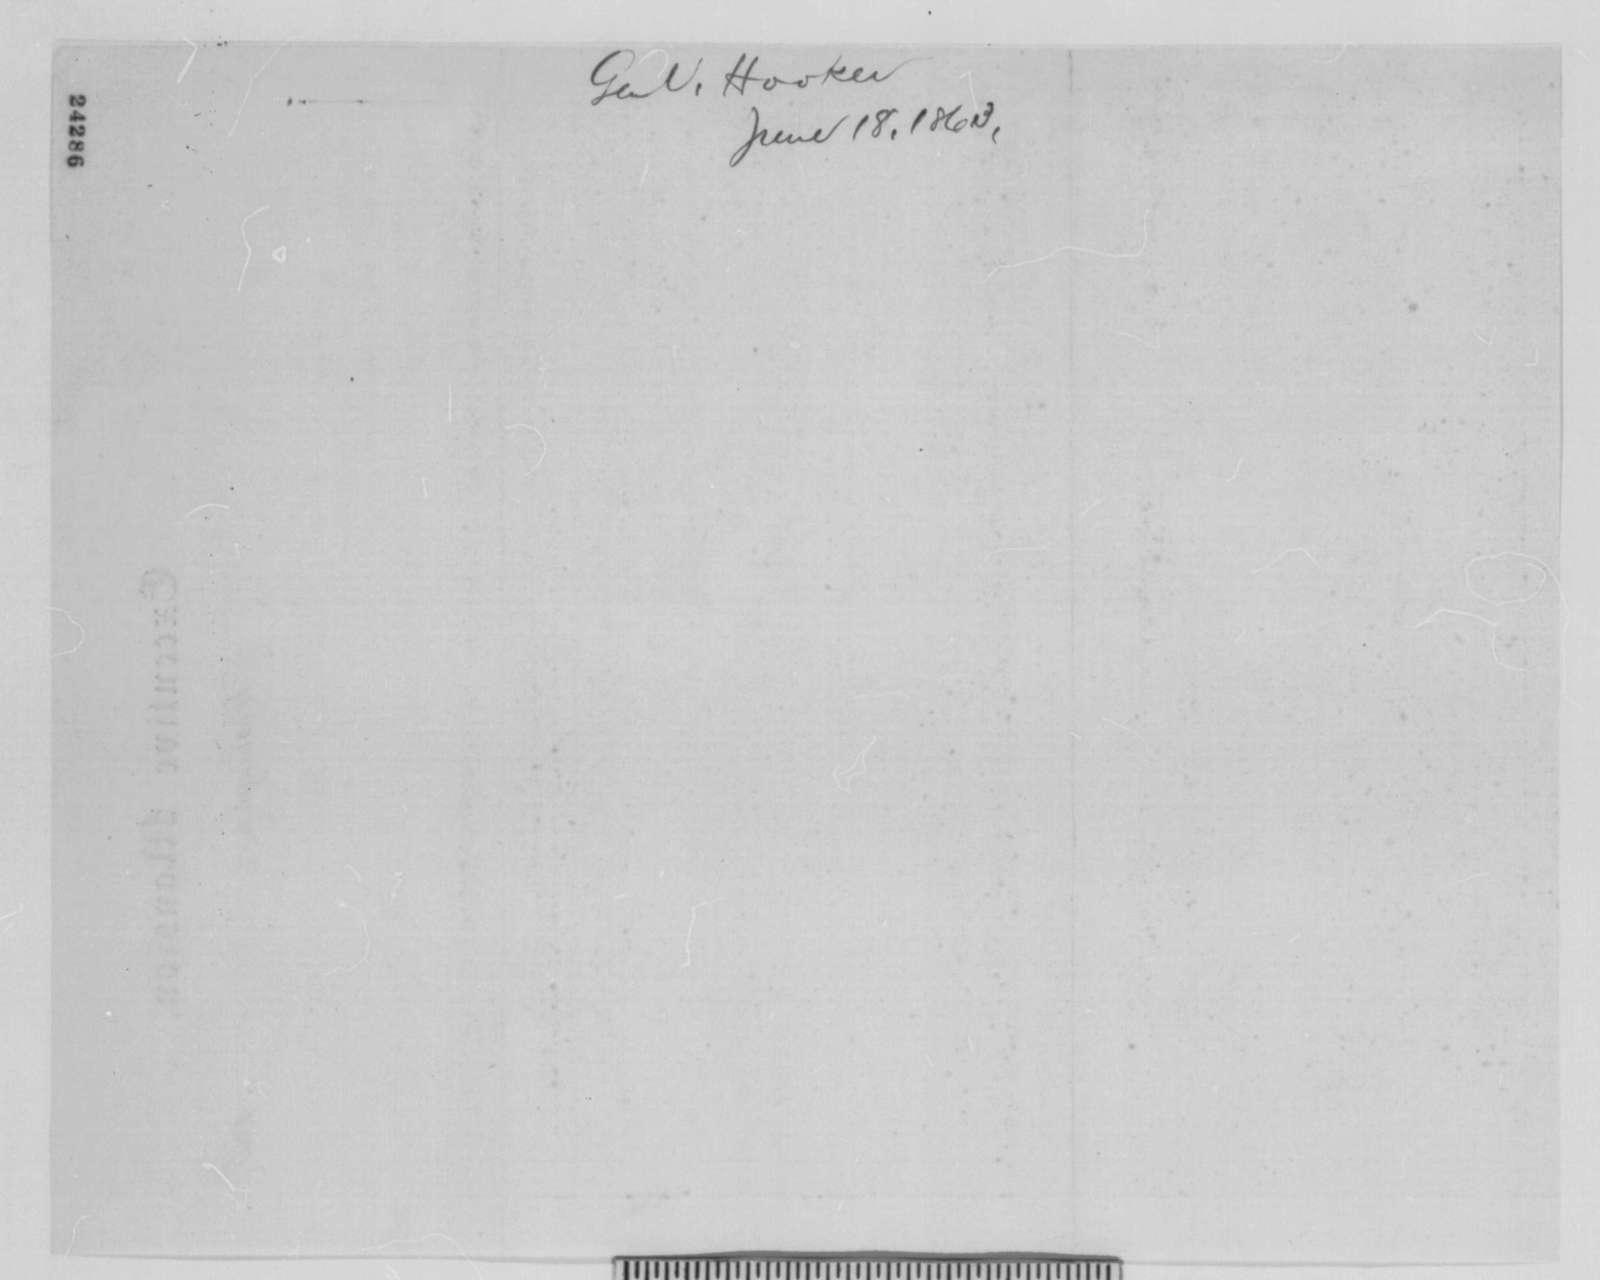 Joseph Hooker to Henry W. Halleck, Thursday, June 18, 1863  (Telegram recommending promotion for General Pleasanton)